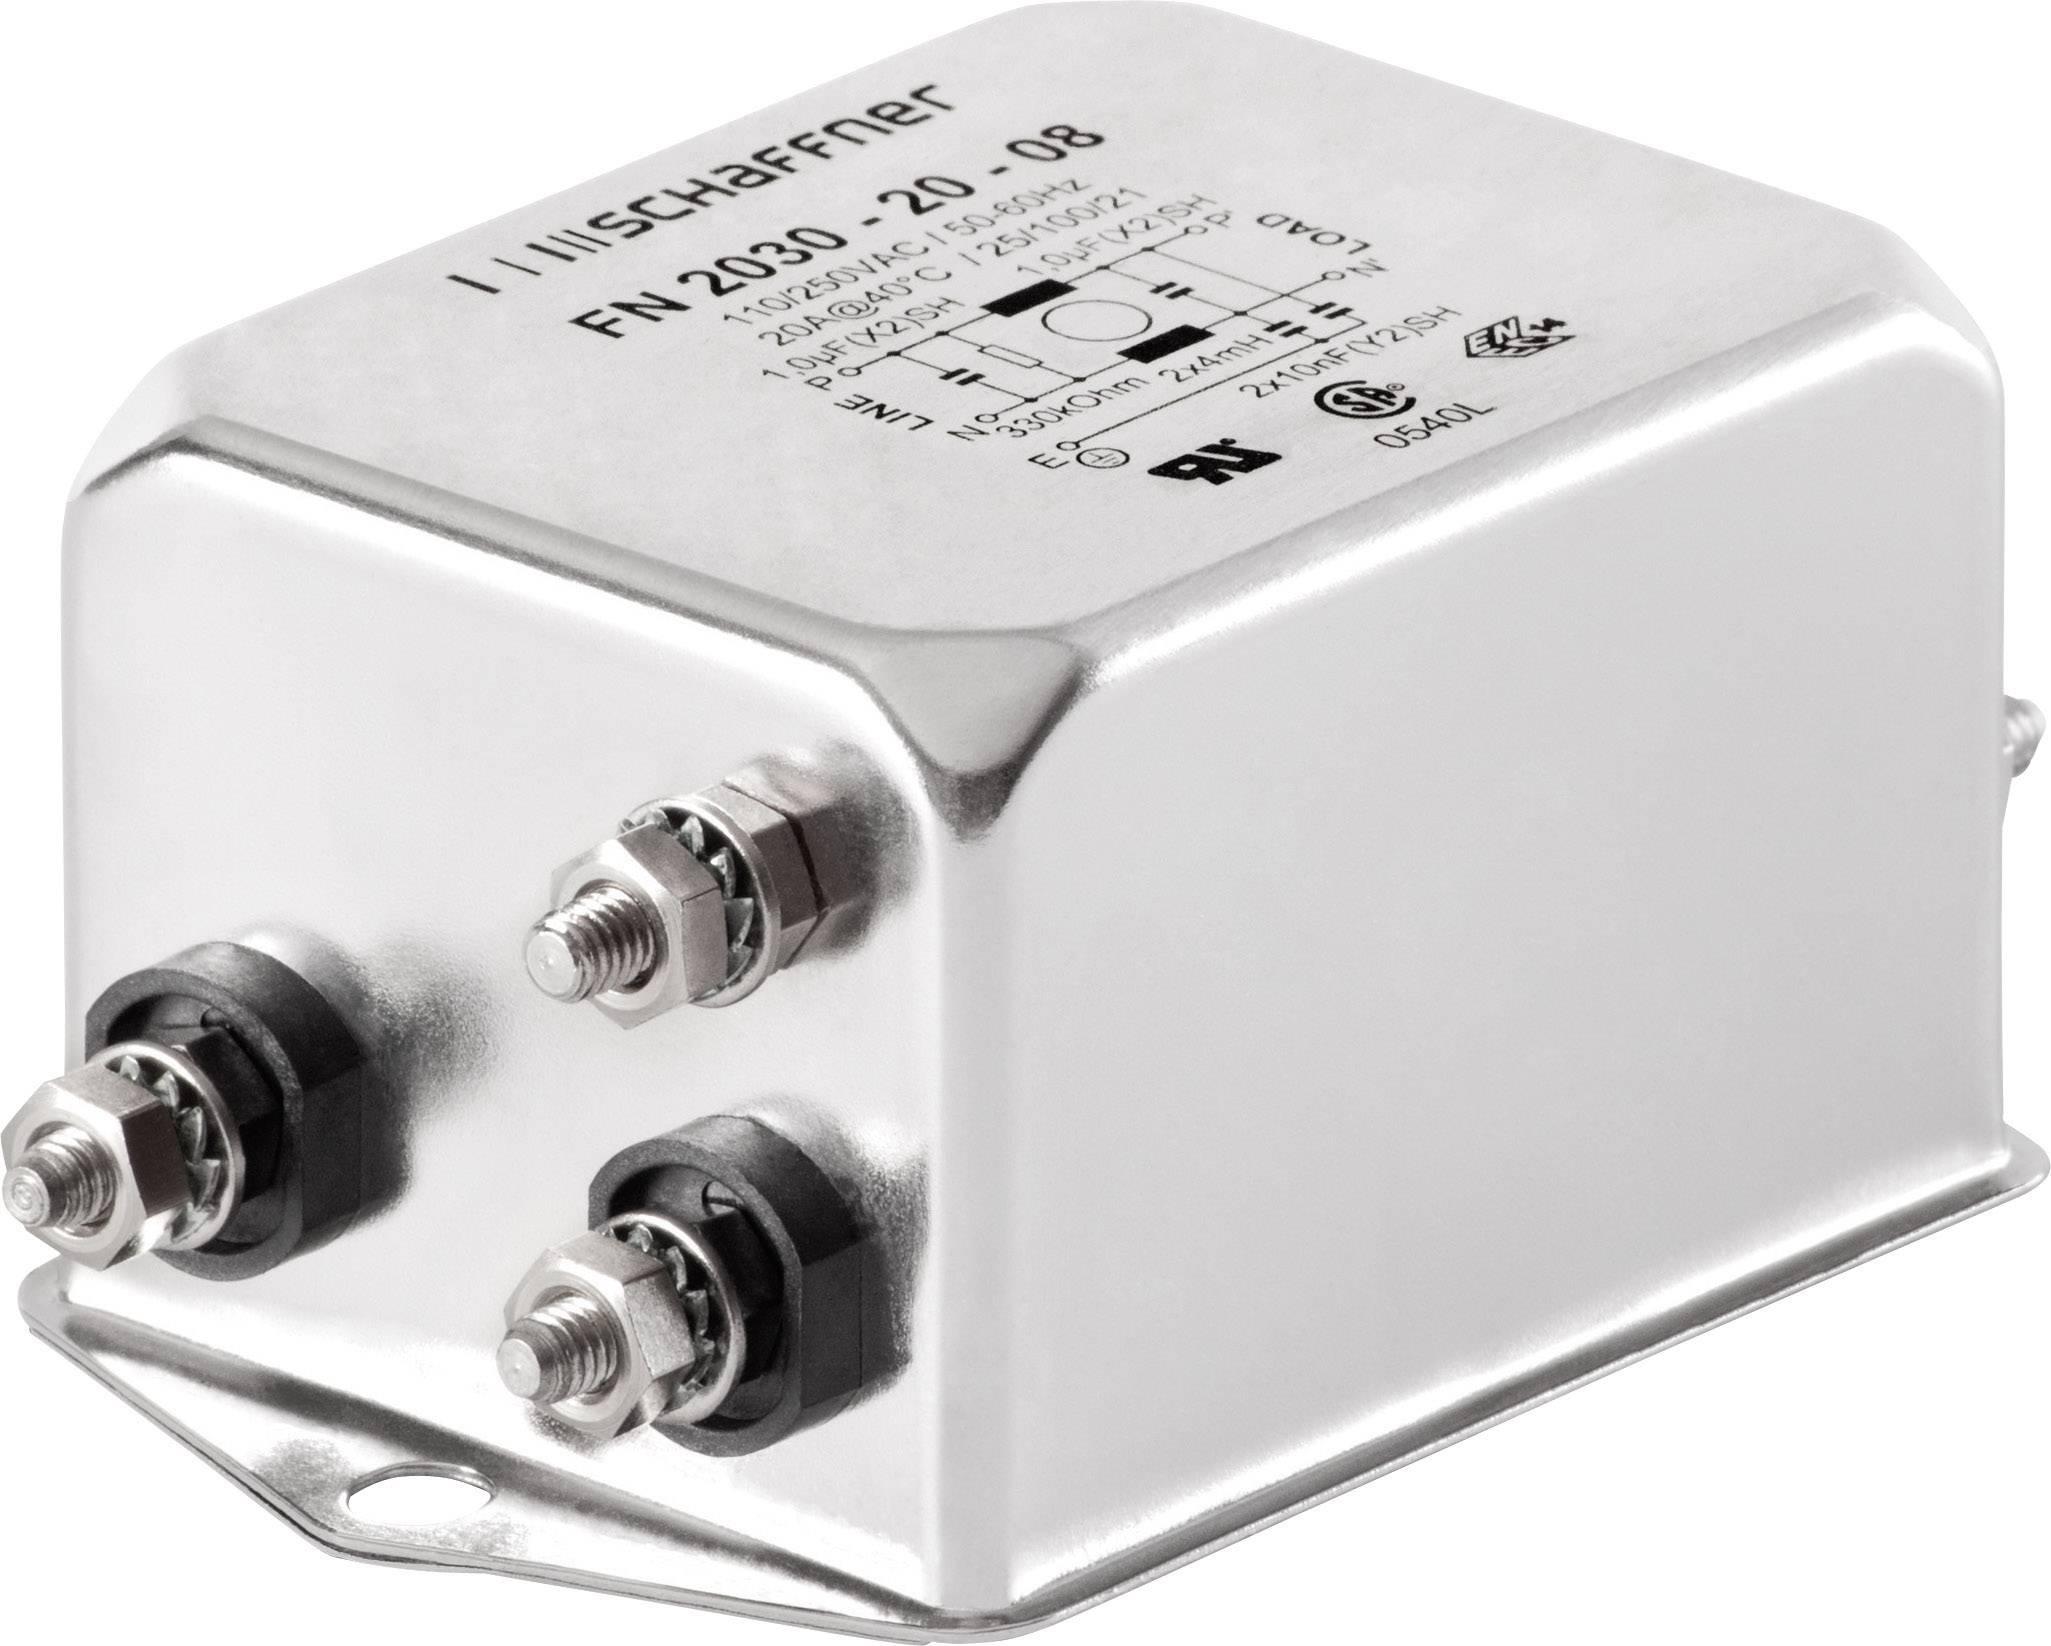 Odrušovací filter Schaffner FN2030-20-06 FN2030-20-06, 250 V/AC, 20 A, 4 mH, (d x š x v) 85 x 54 x 30.3 mm, 1 ks